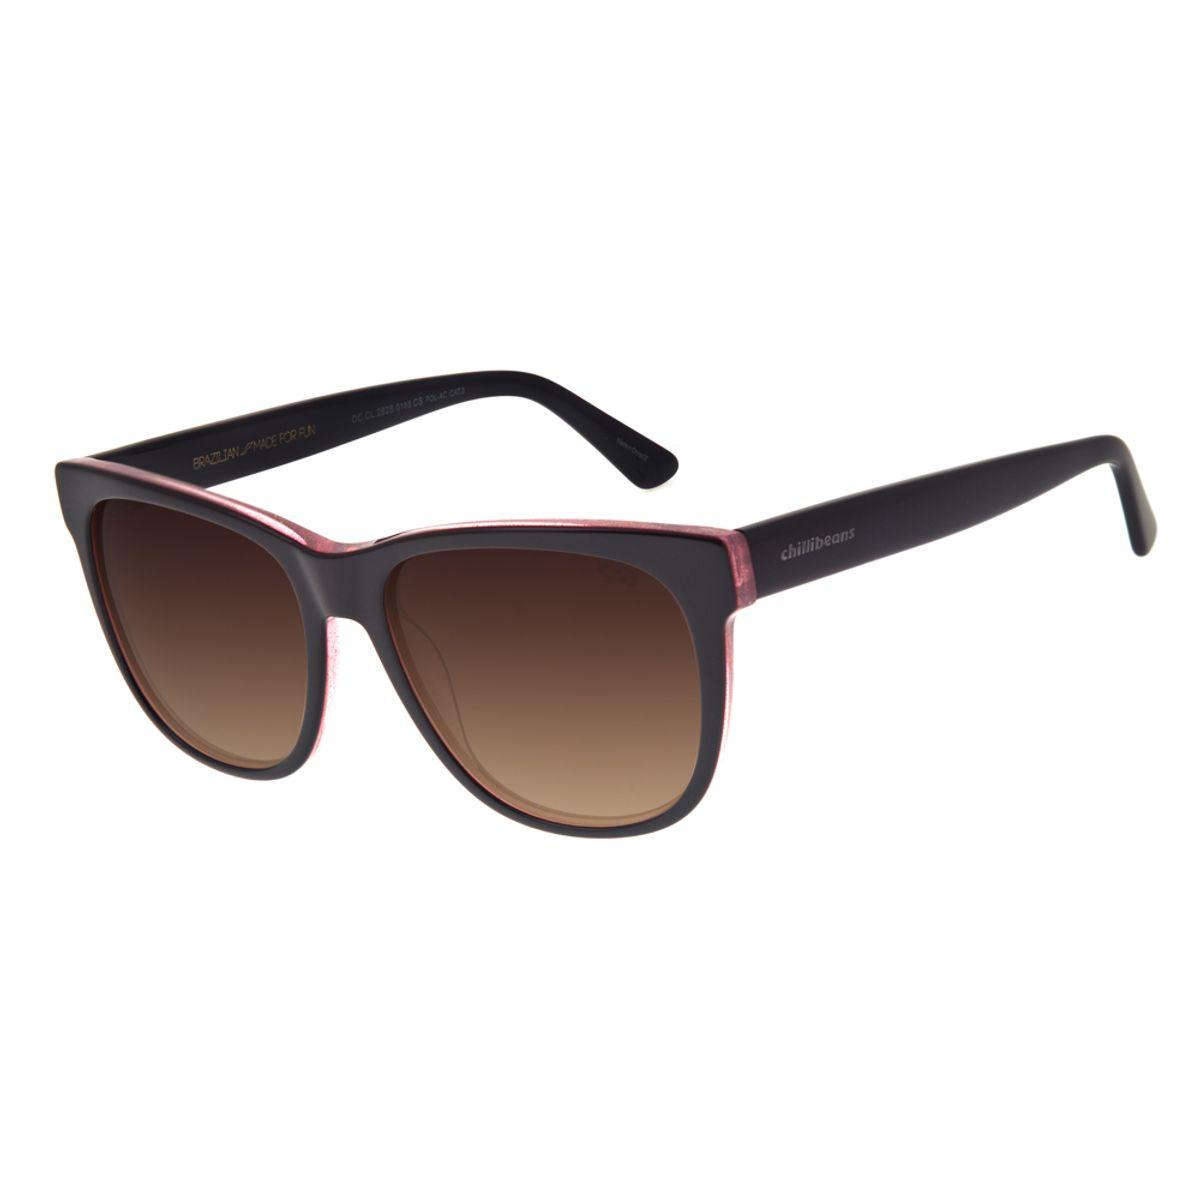 37e0ba9389809 Óculos de Sol Chilli Beans Feminino Retrô Polarizado Preto Mesclado ...